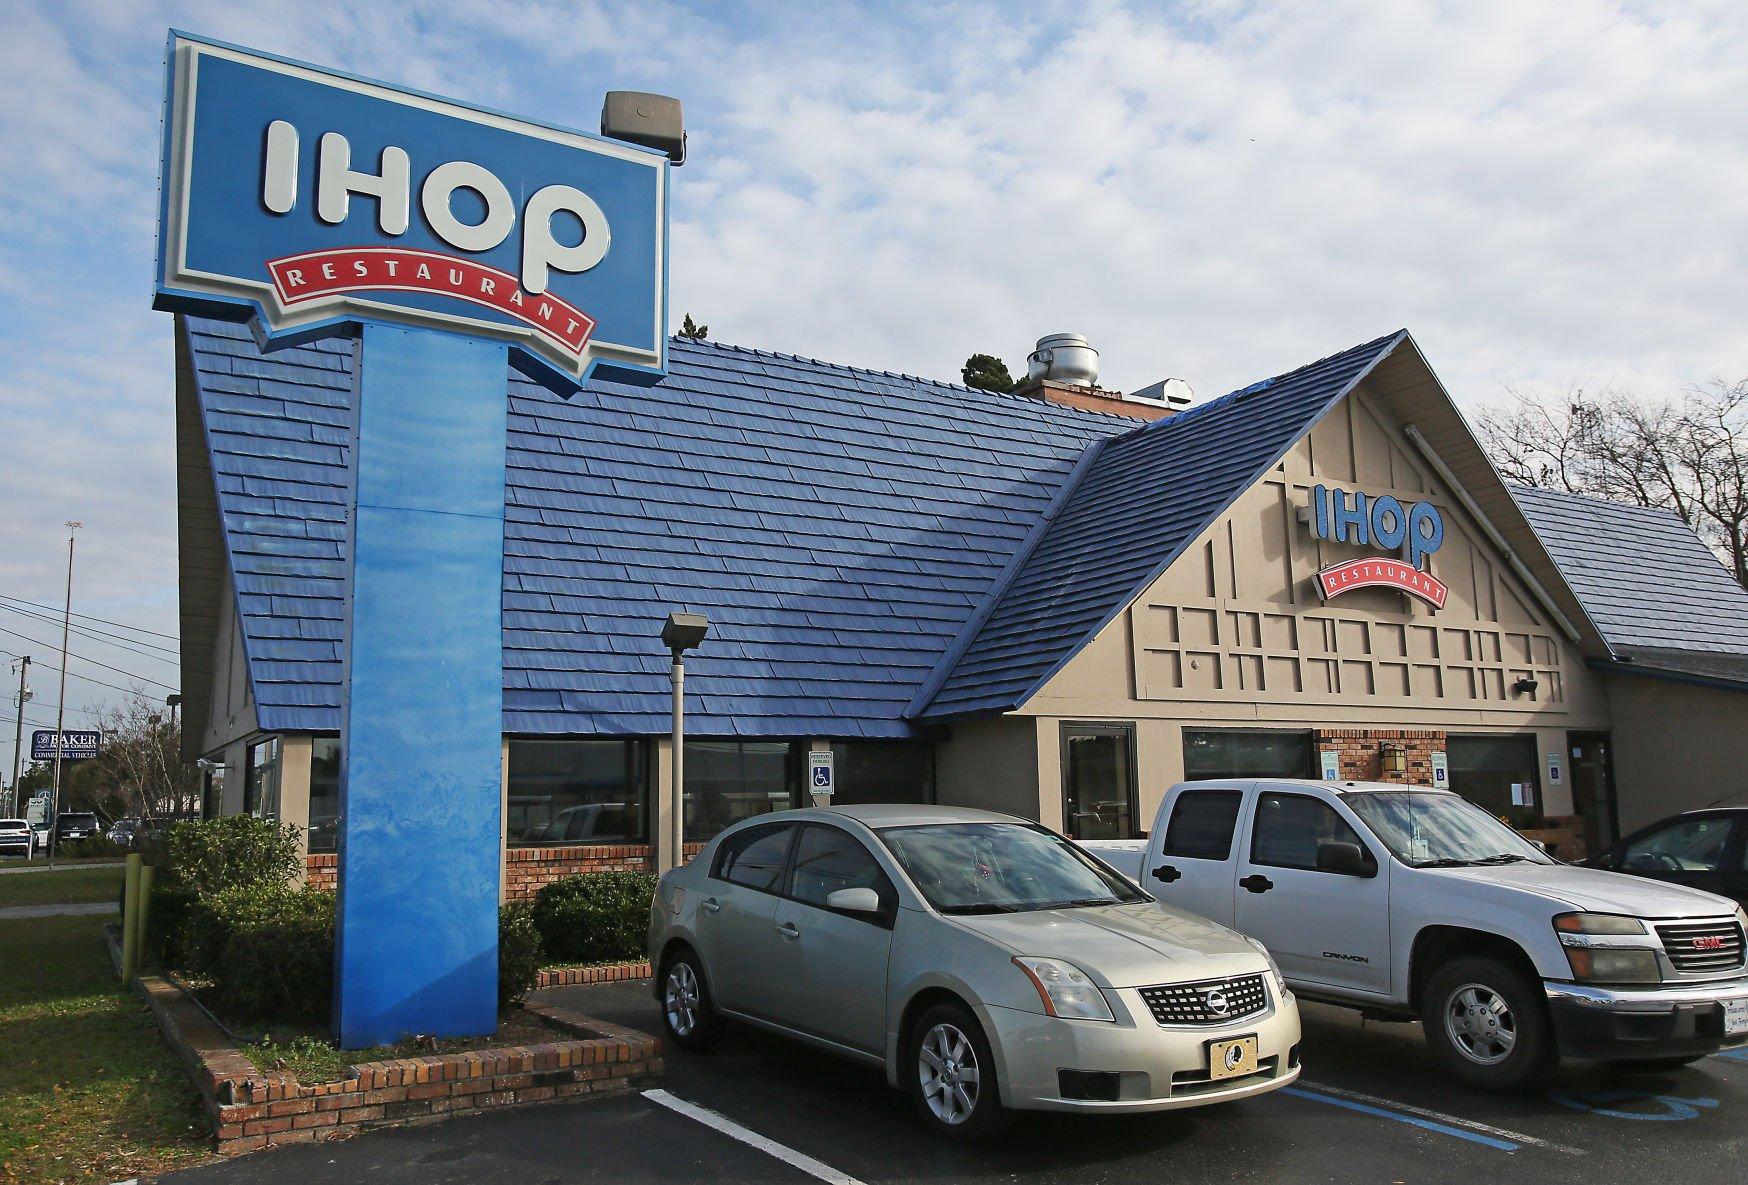 Baker Motor Owner Snaps Up Former Charleston IHOP Property | Business |  Postandcourier.com